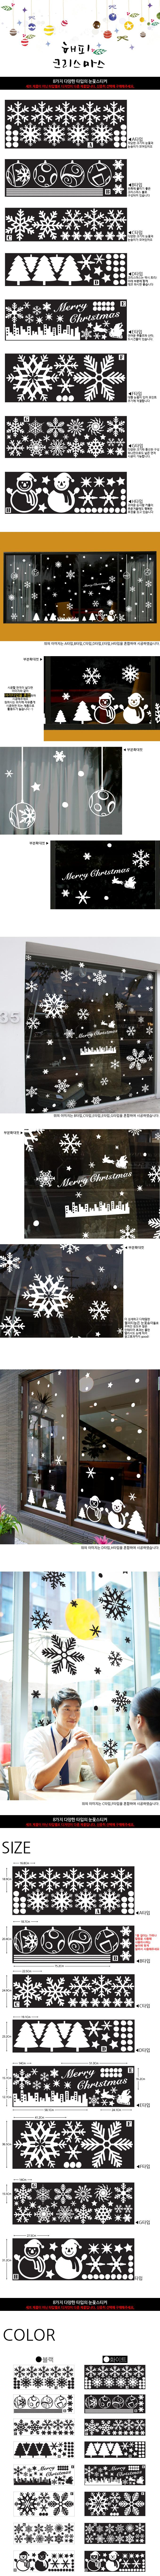 ph133-크리스마스눈꽃스티커모음(대형)_포인트스티커 - 꾸밈, 18,000원, 월데코스티커, 계절/시즌